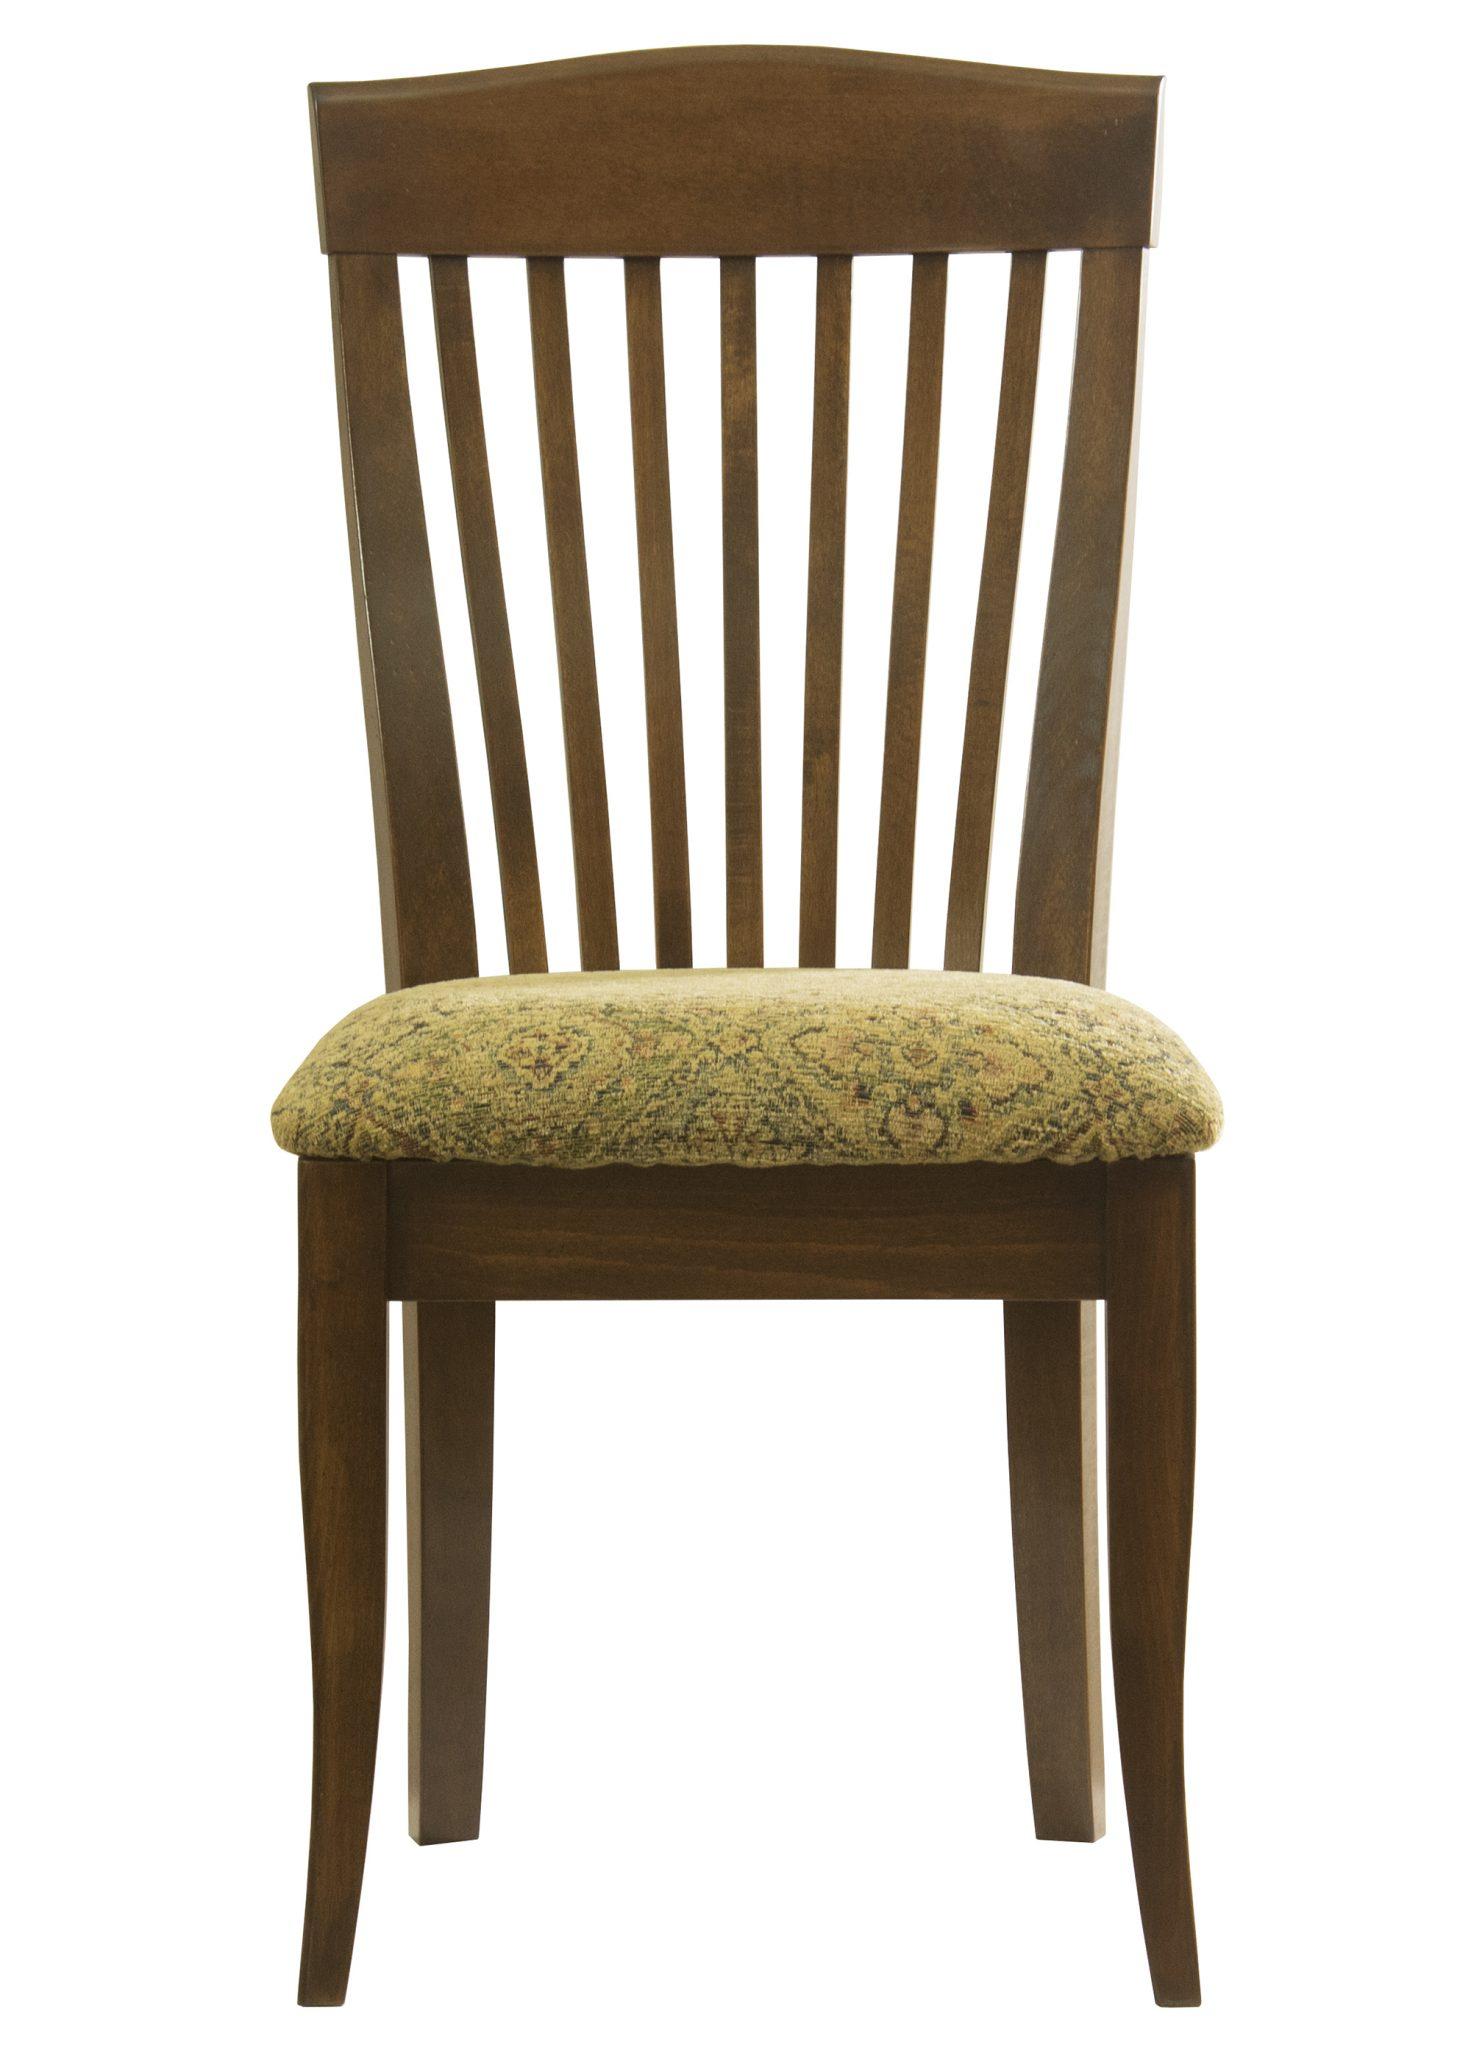 Model 53 Side Chair Upholstered